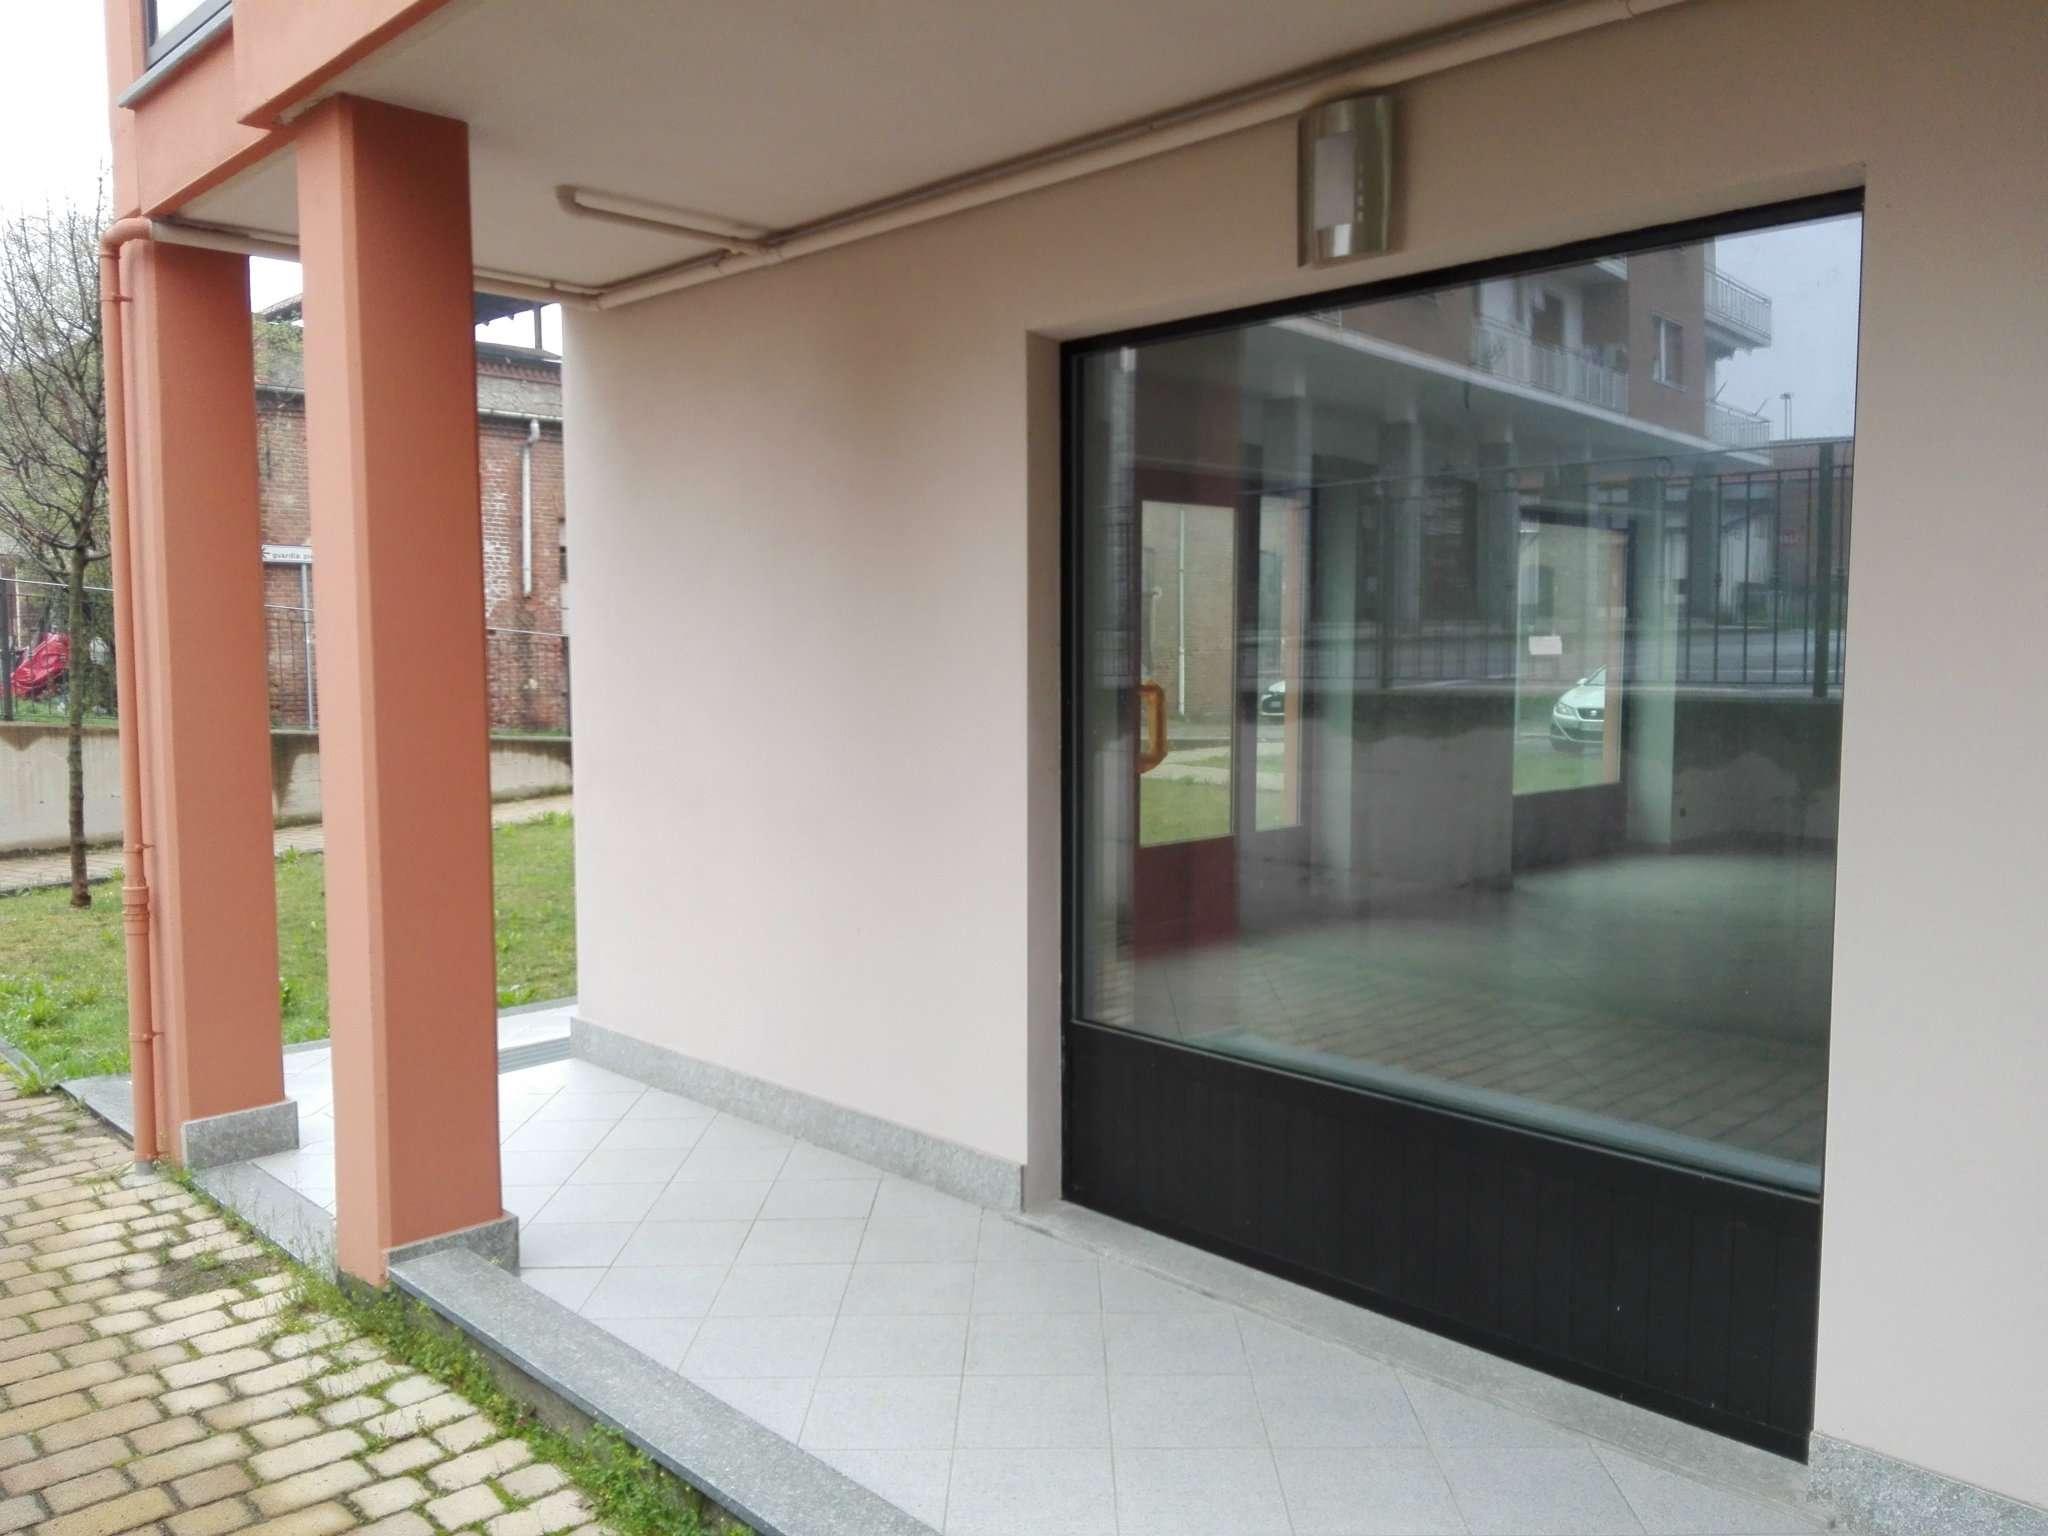 Negozio / Locale in vendita a Torre Pellice, 1 locali, prezzo € 90.000   Cambio Casa.it